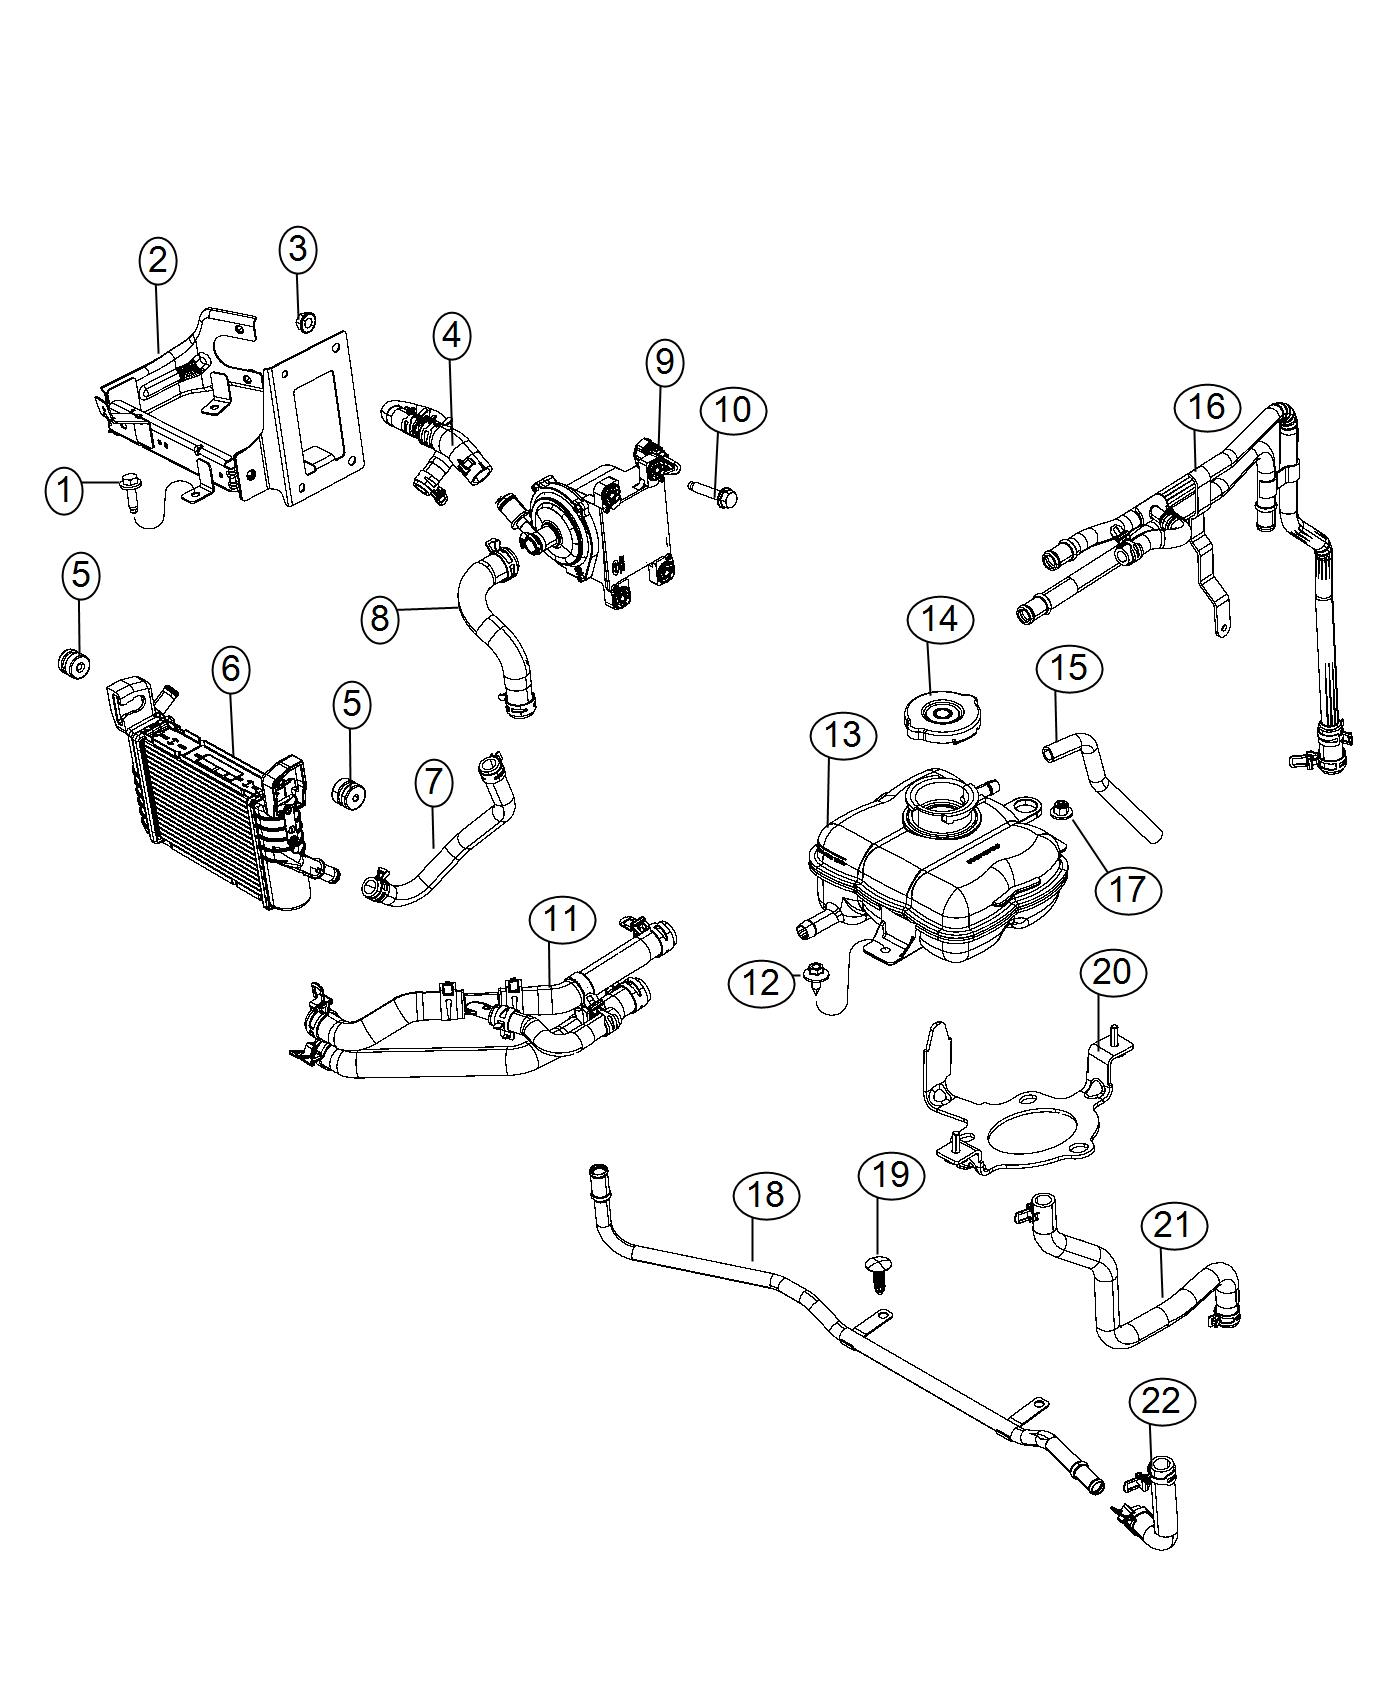 2017 Dodge Challenger Hose. Coolant. Cooling, ltr, system